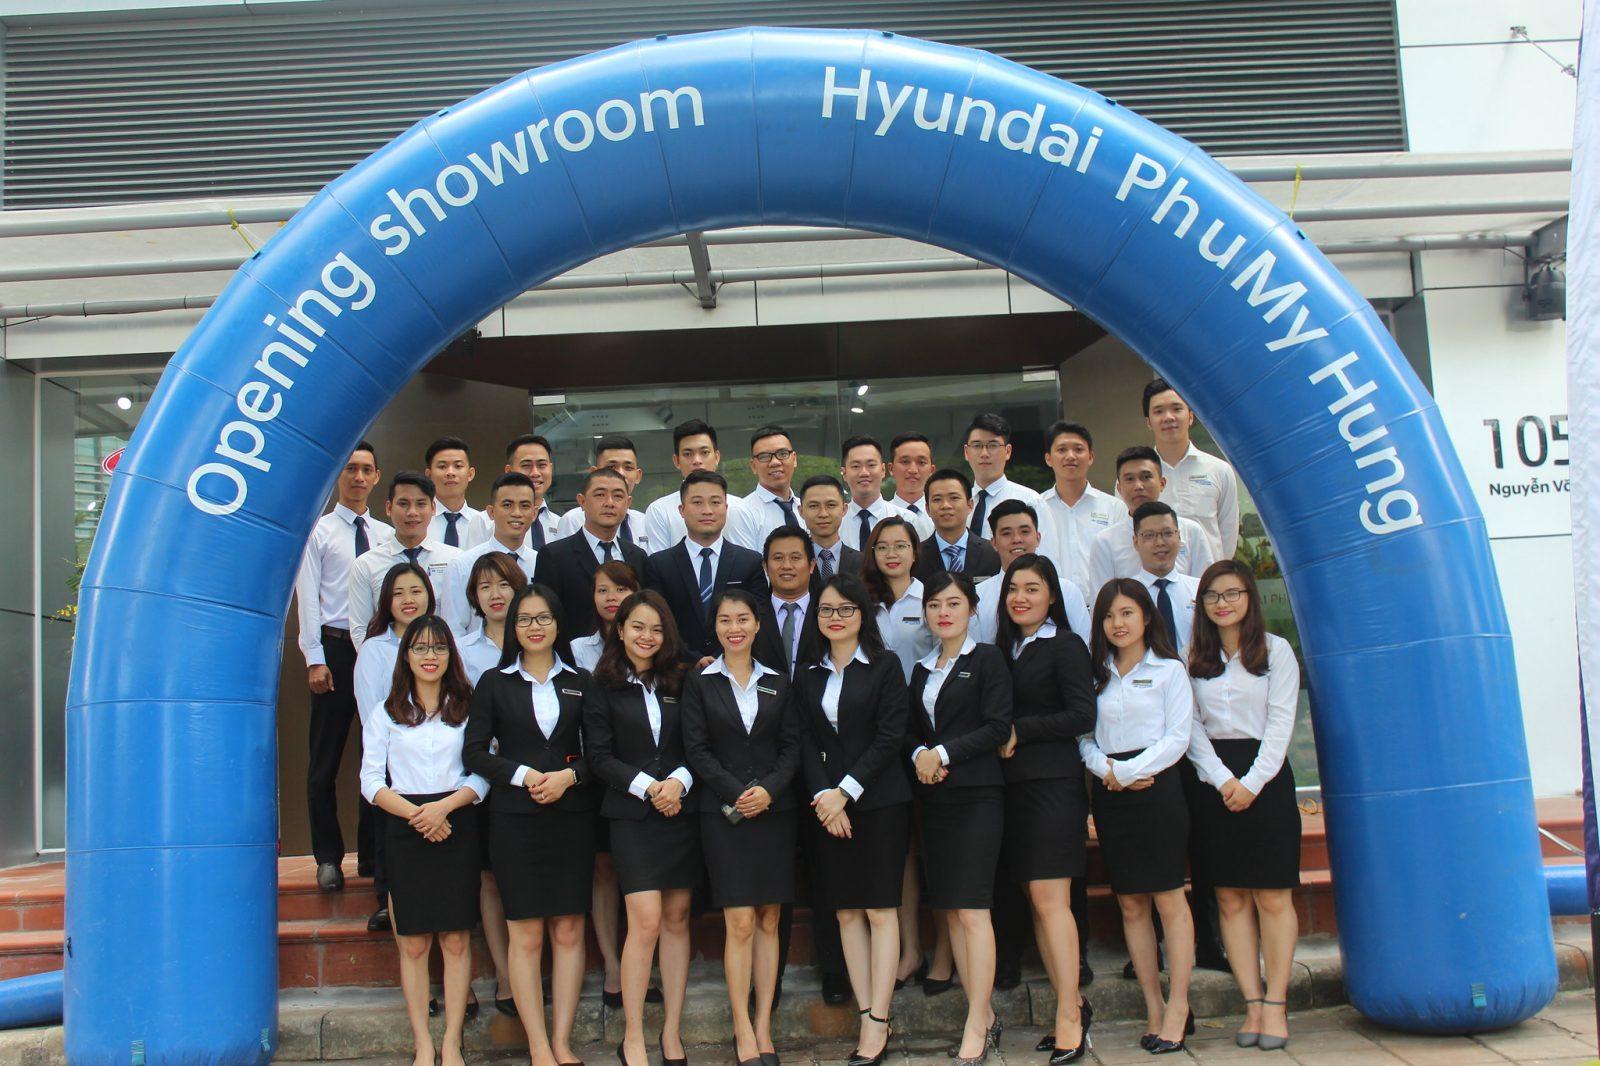 Danh sách đại lý xe Hyundai tại TP.HCM